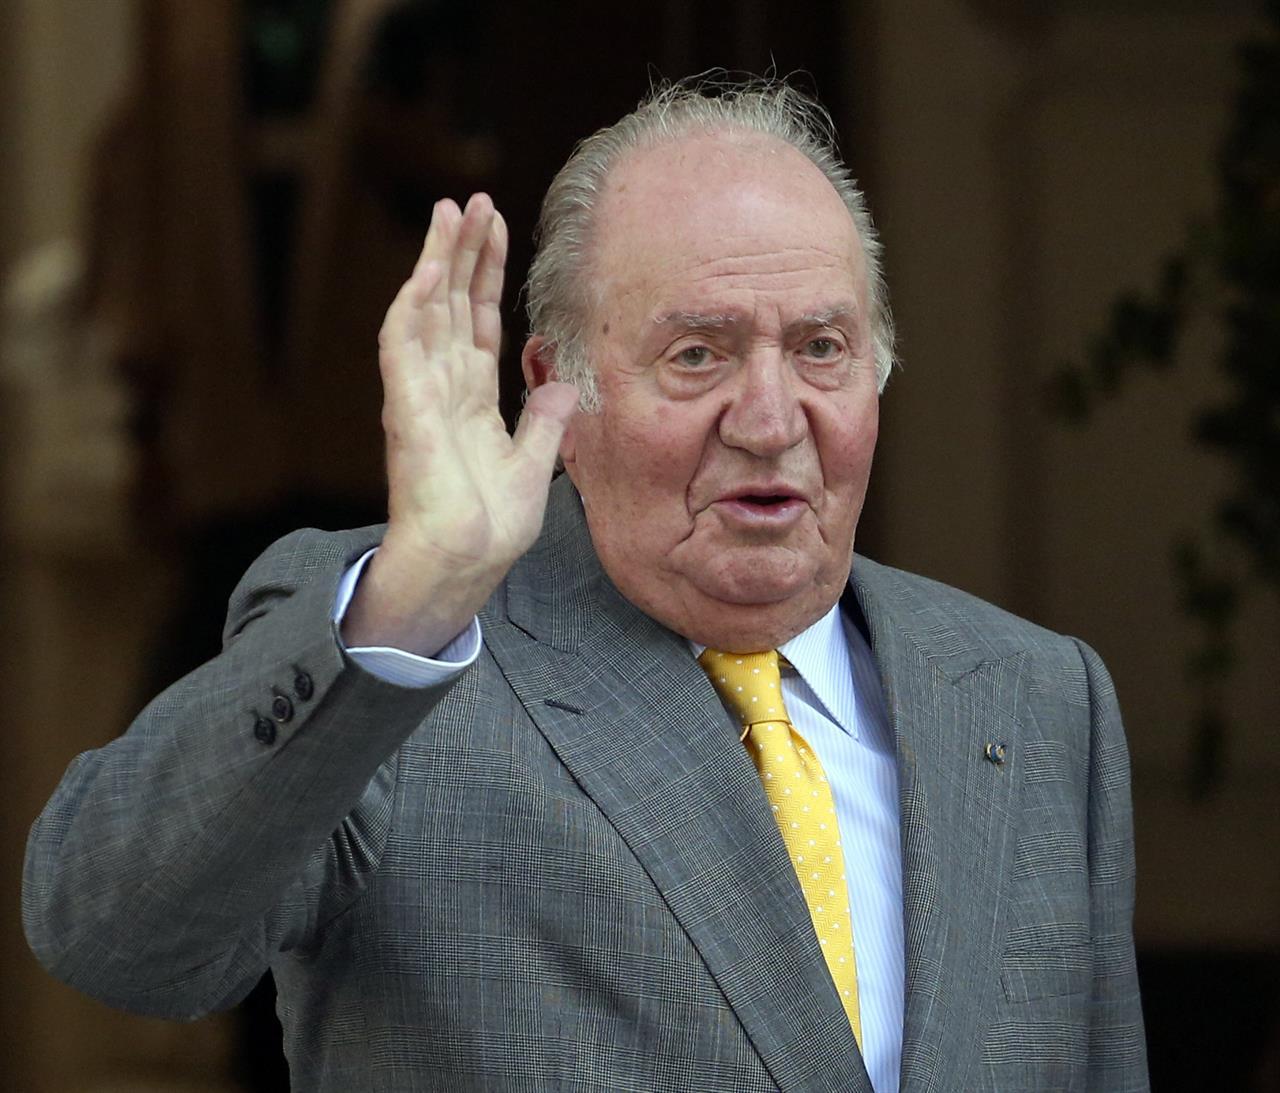 Spanish ex-king Juan Carlos I has successful heart surgery